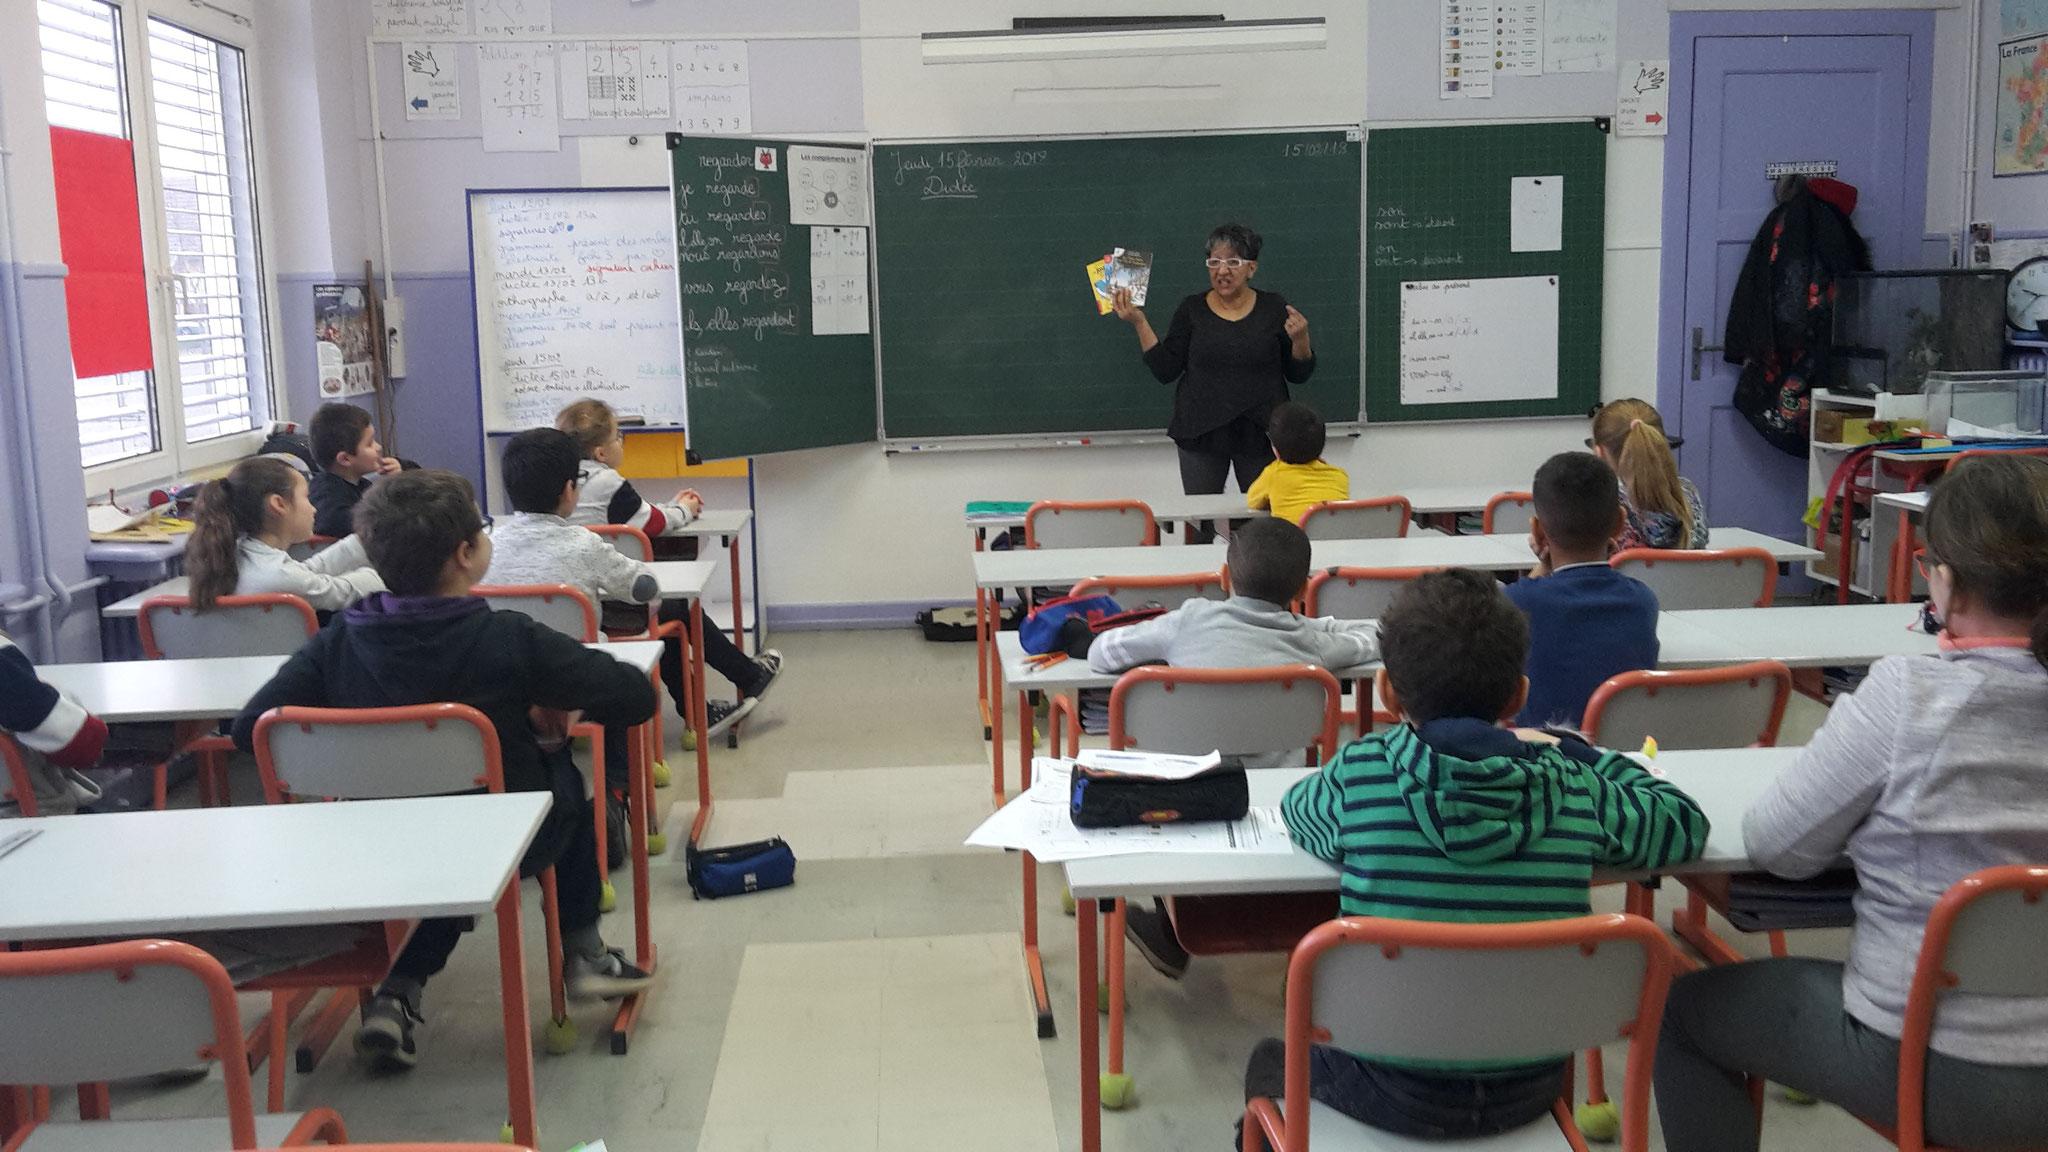 Ecole primaire freinet